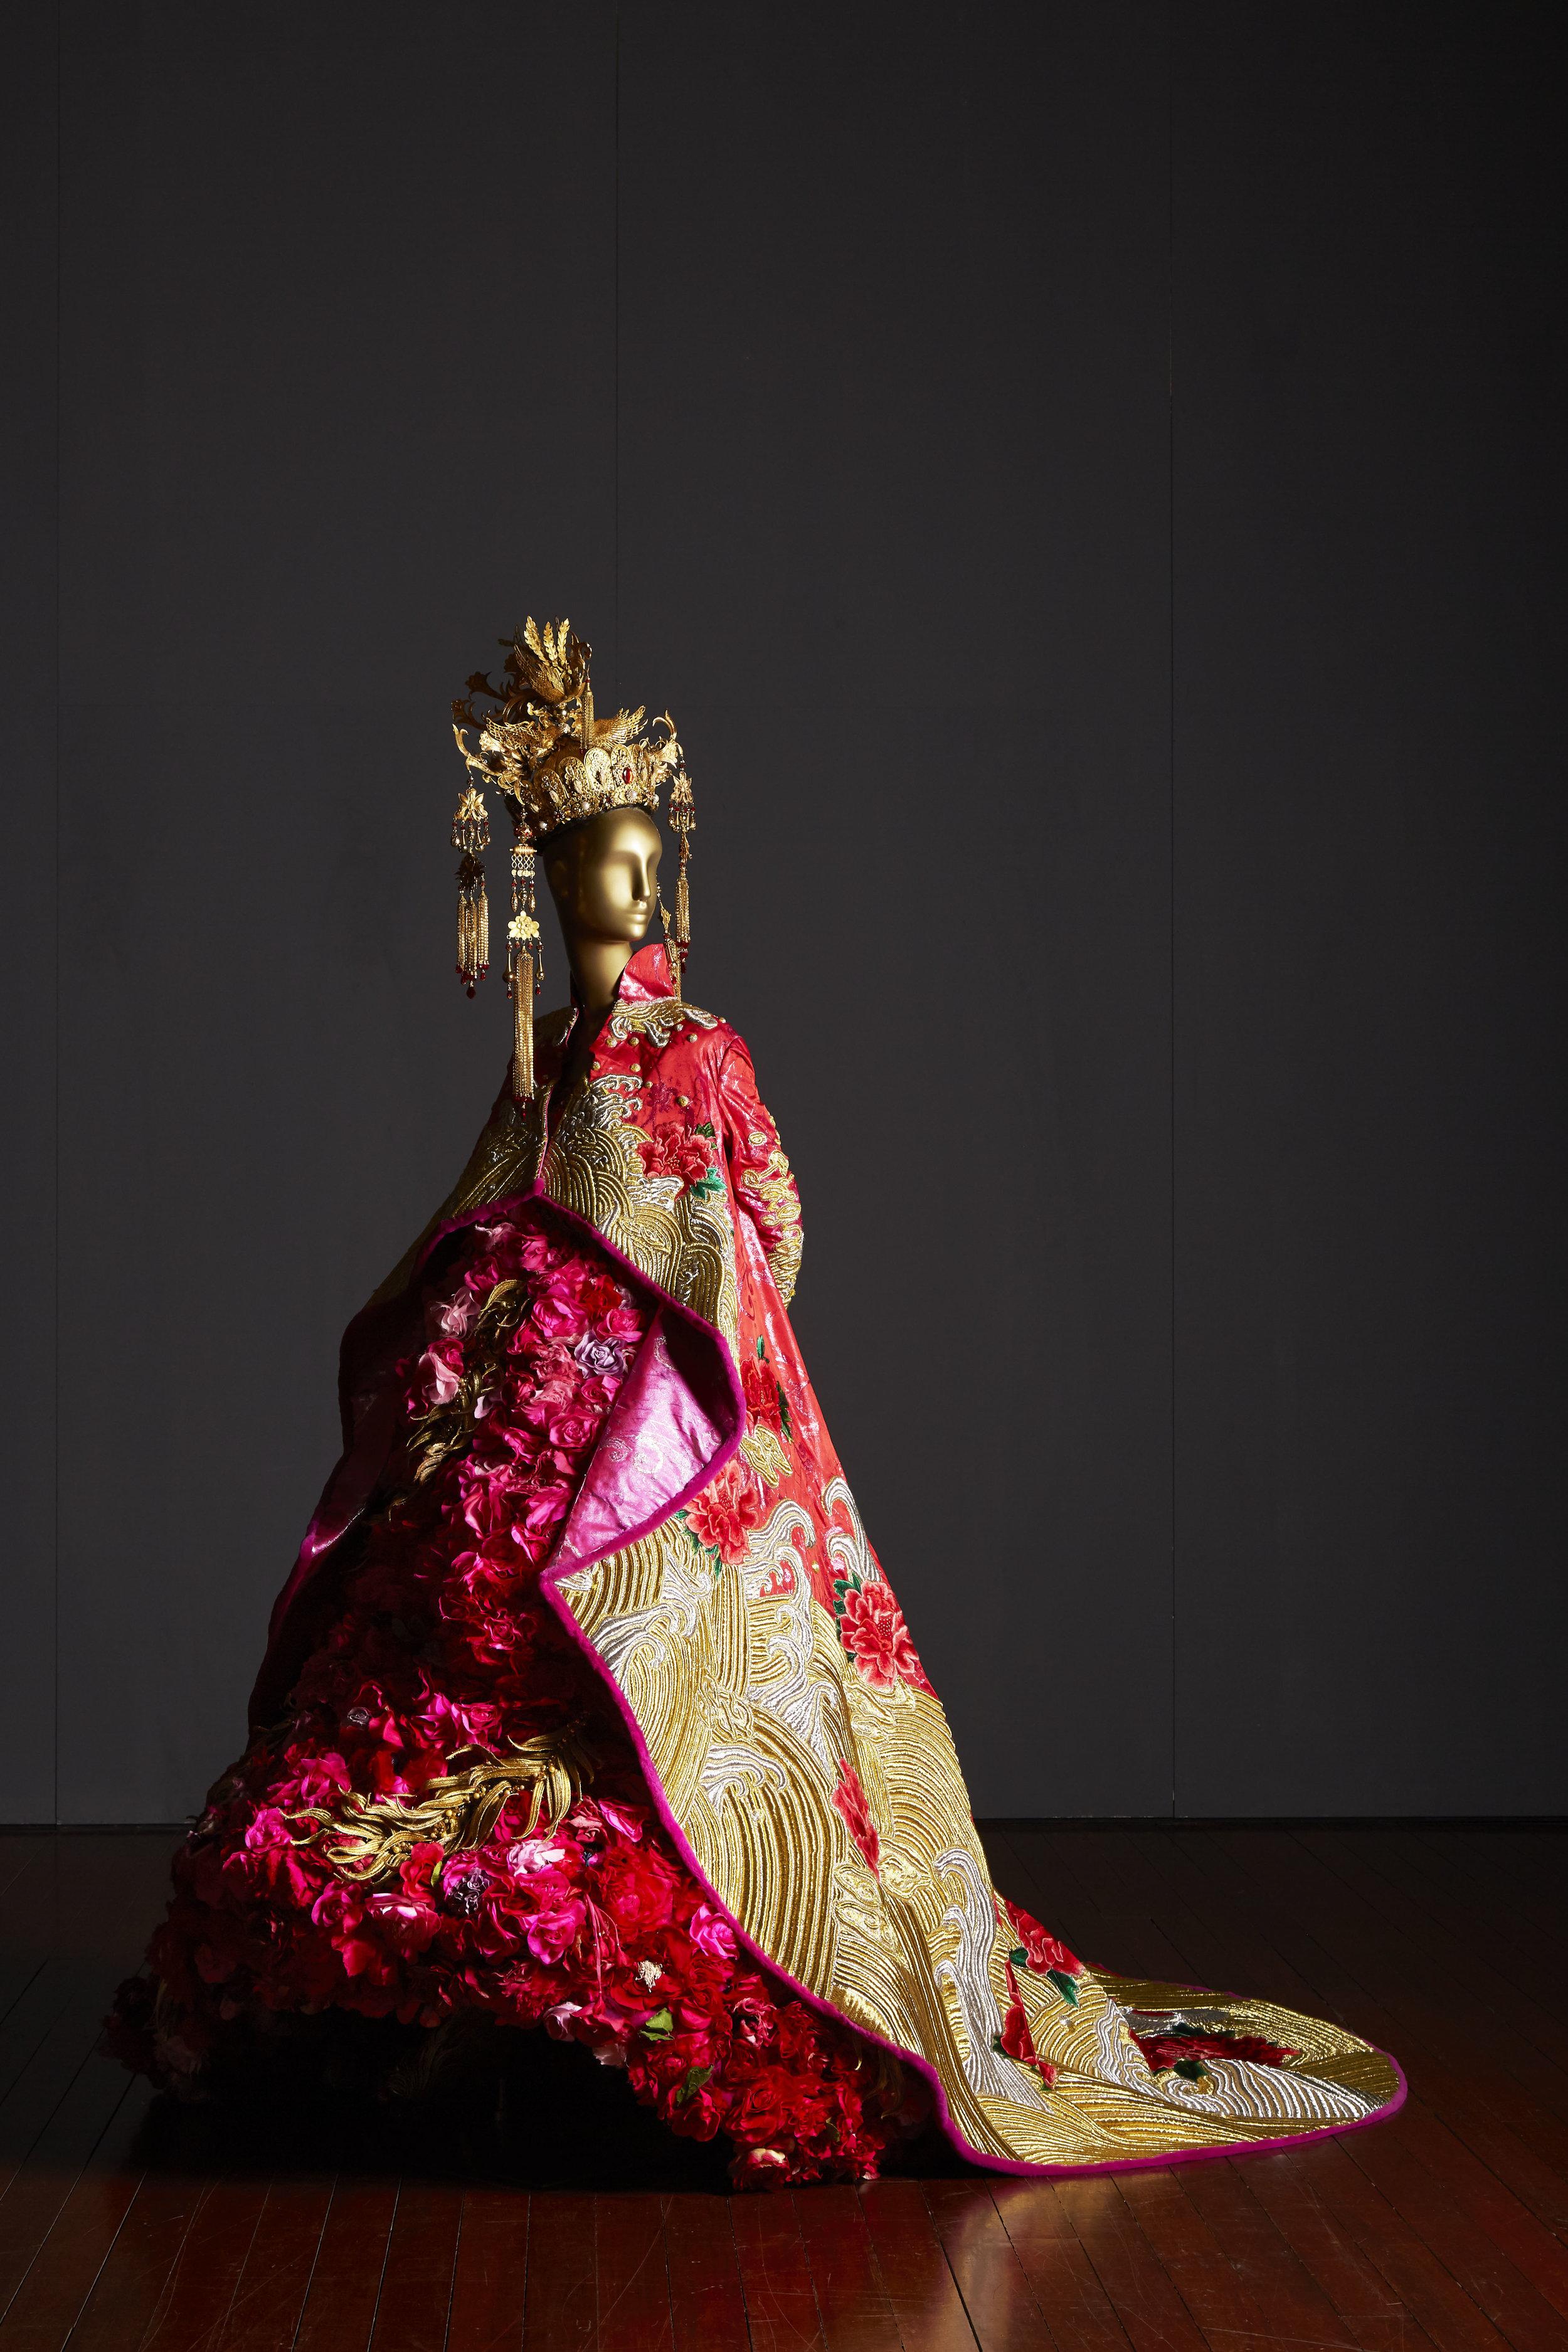 宫花 (Palace flower)  Guo Pei, Legend of the Dragon Collection China, Beijing, 2012 Silk, jacquard, silver-spun thread, gold-spun- thread, beads, Swarovski crystals, fur, silk peonies, 190 x 240 x 260 cm 10,000 hours Collection of Guo Pei Image courtesy of Asian Civilisations Museum